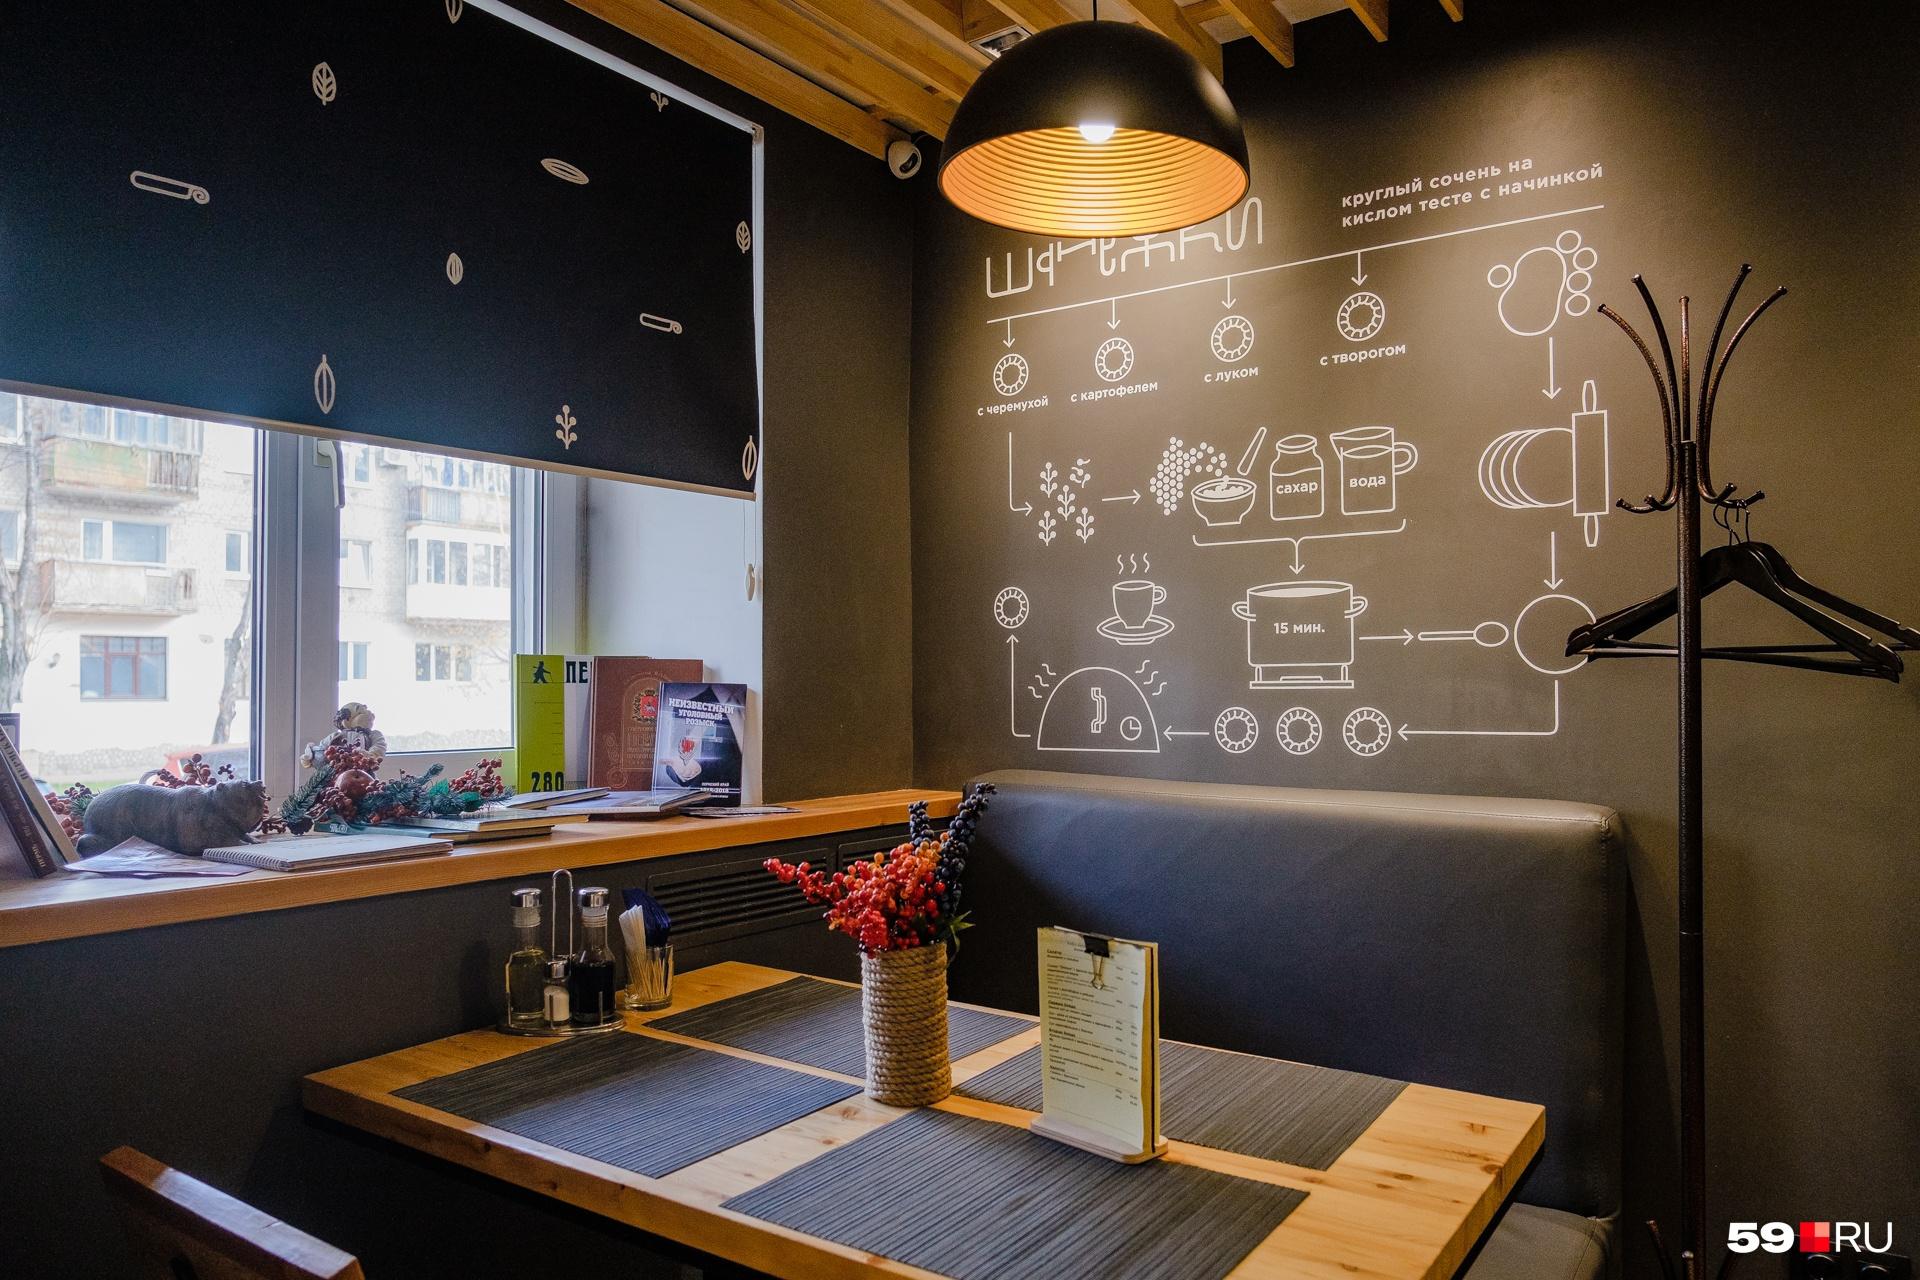 Современное оформление кафе-музея: на стенах — рецепты пермских блюд